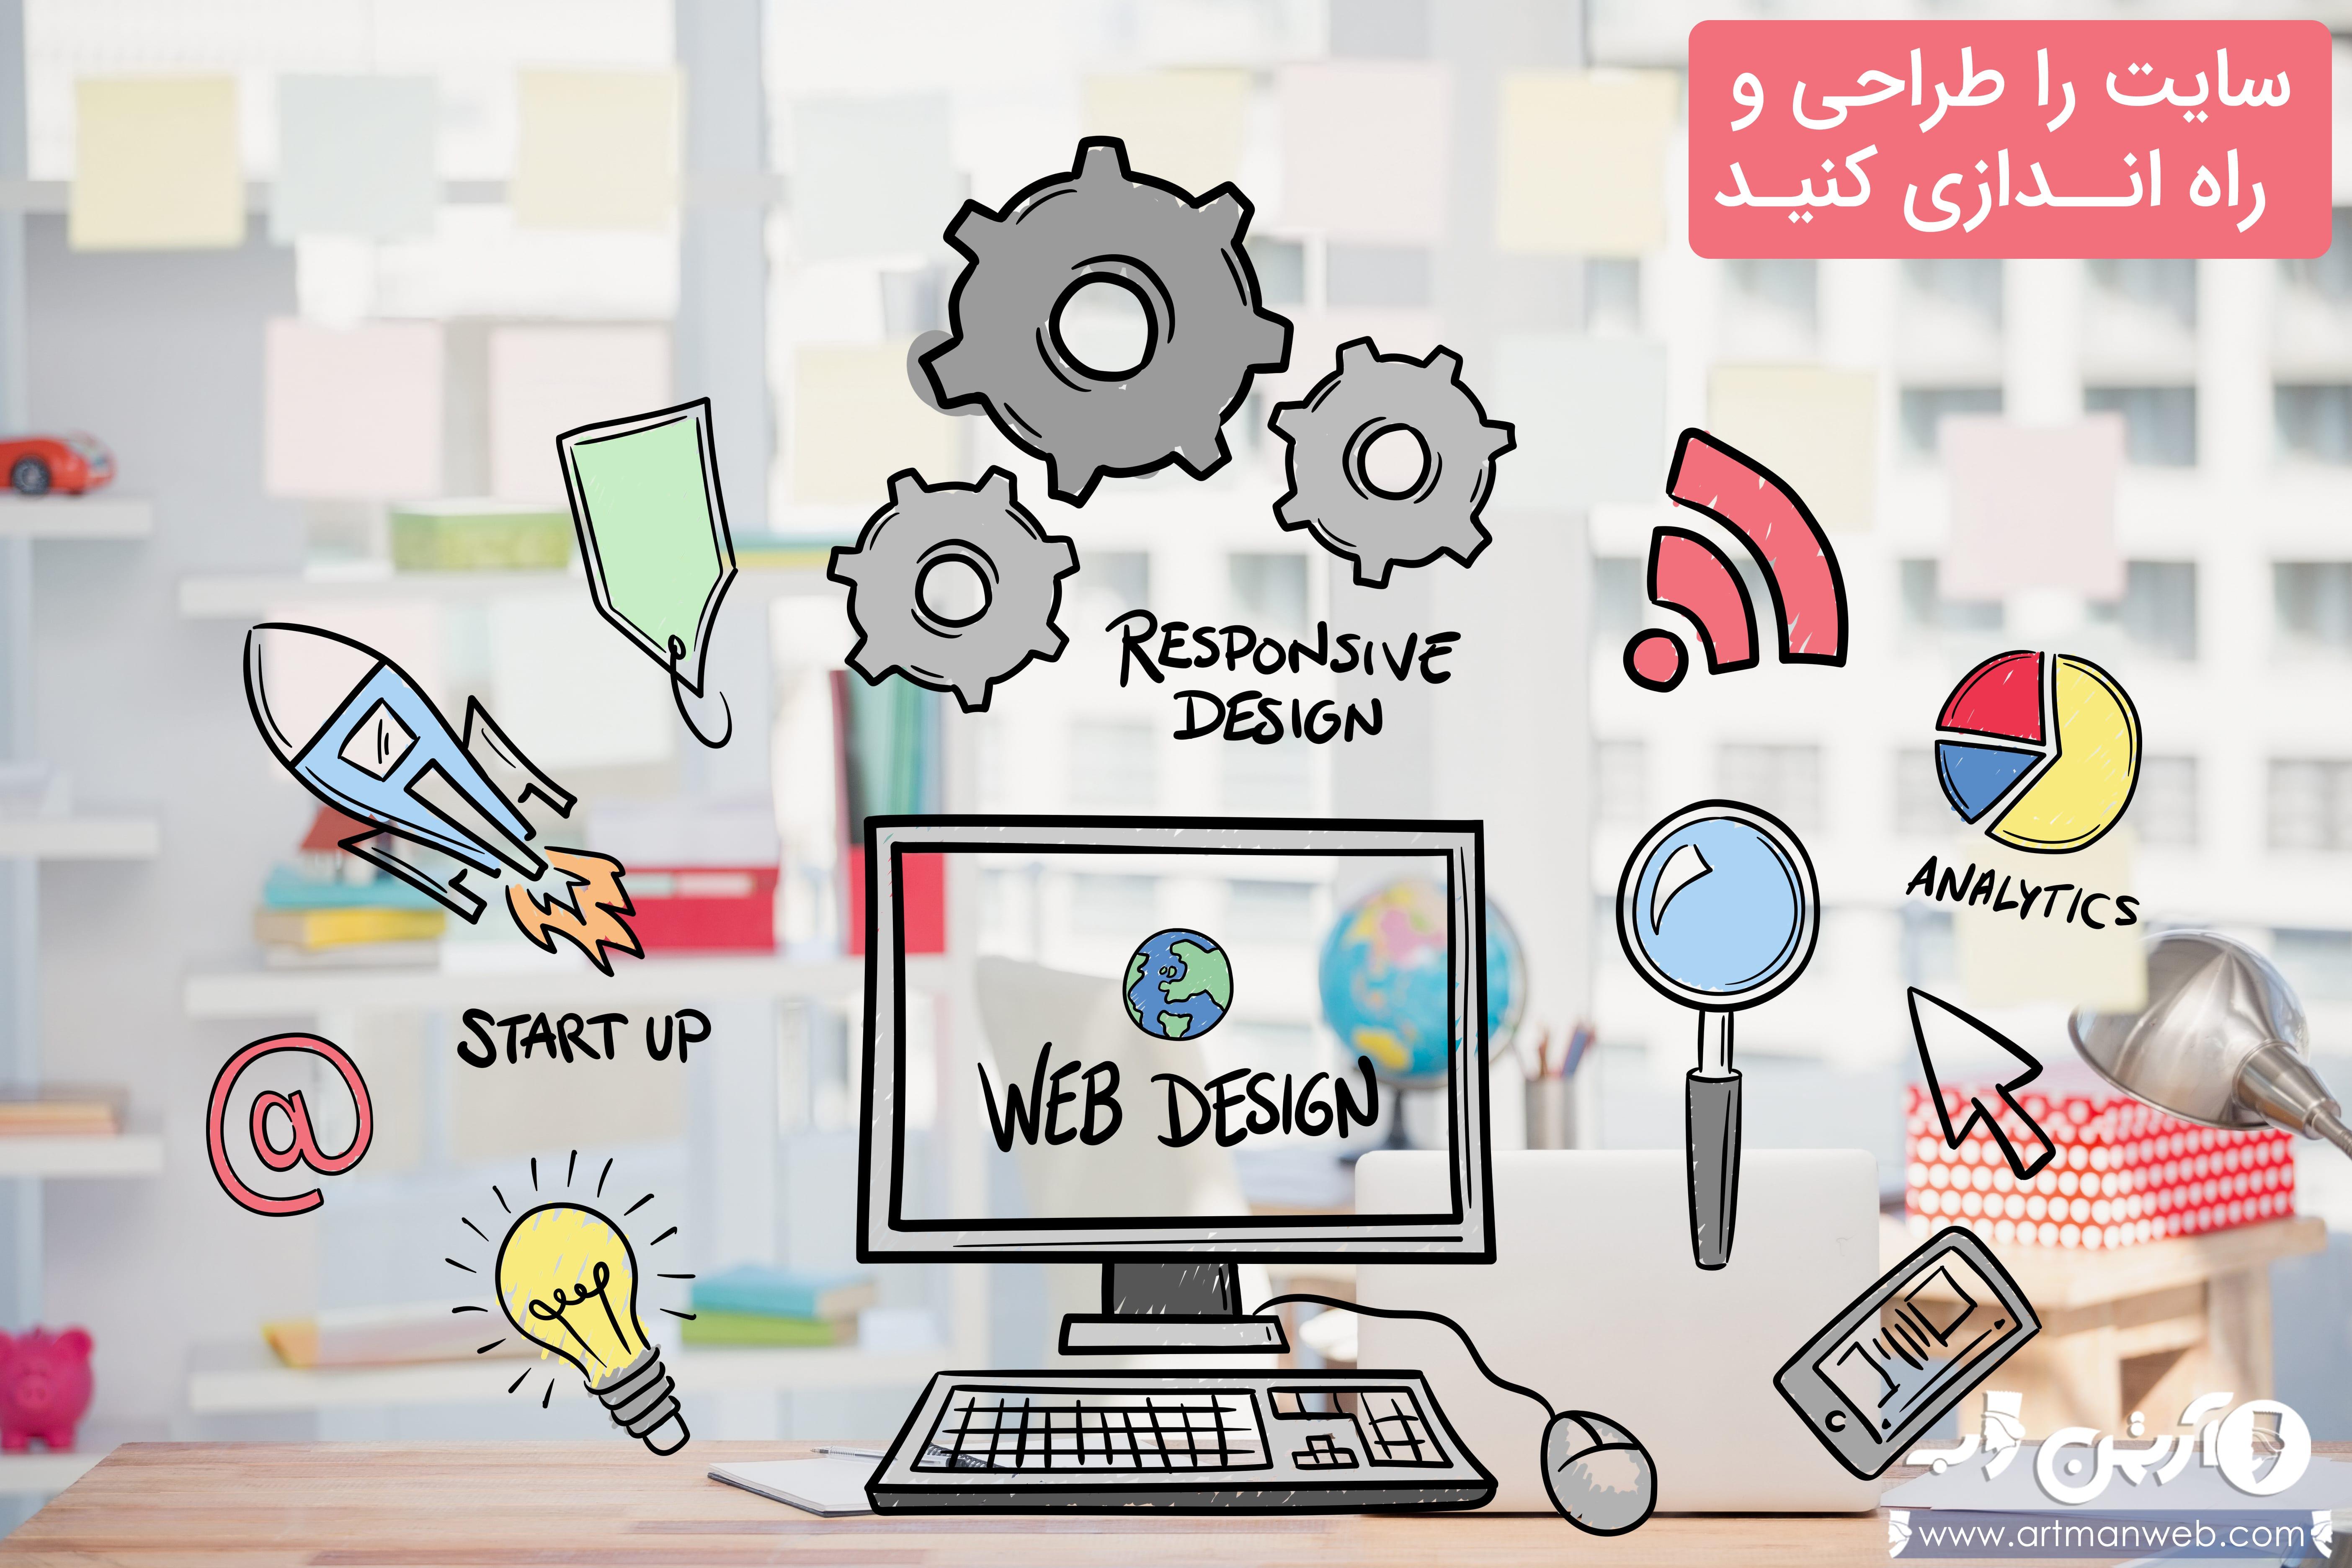 چگونه و از کجا کسب و کار اینترنتیام رو باید شروع کنم؟قسمت دوم